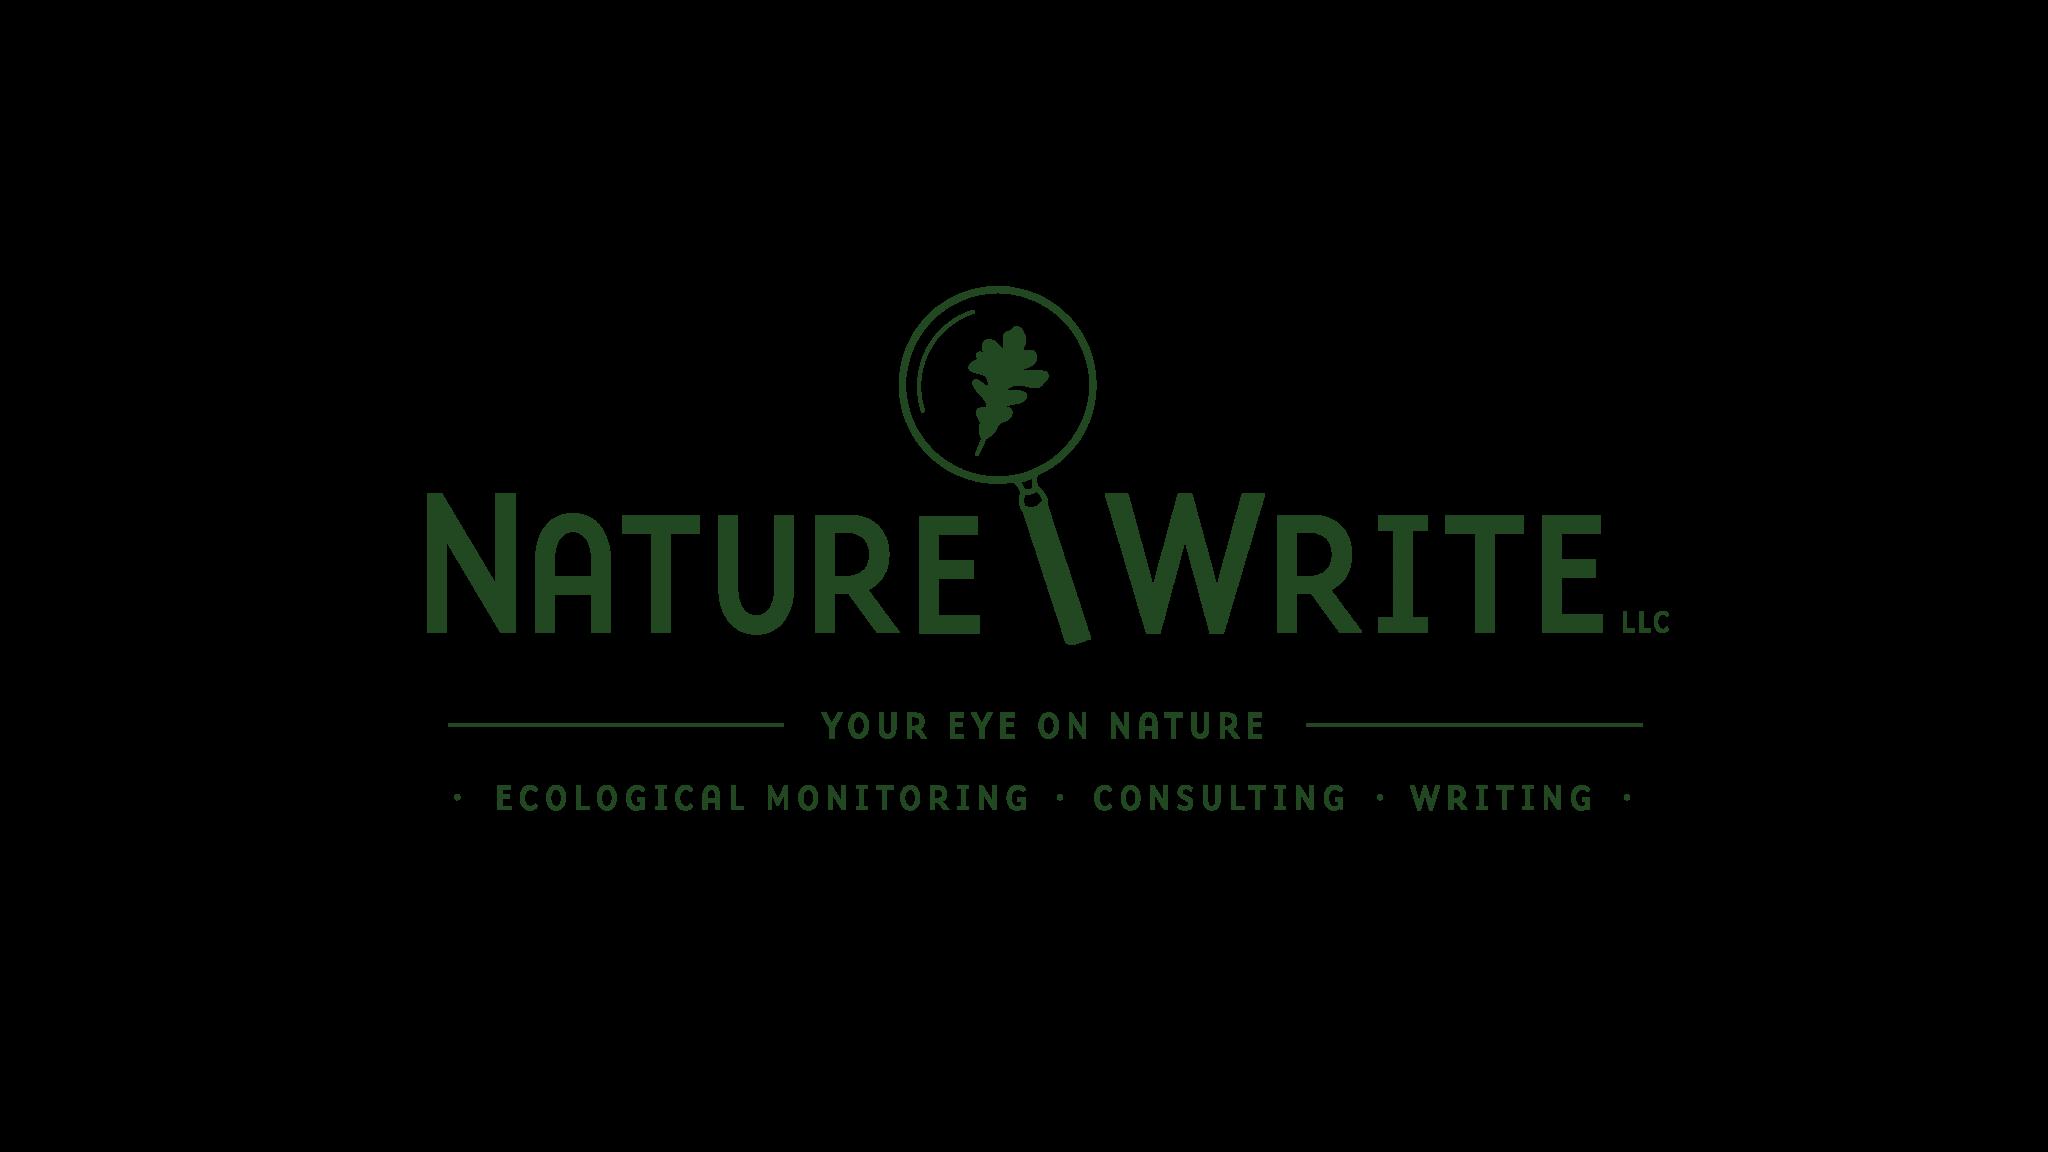 NatureWrite LLC